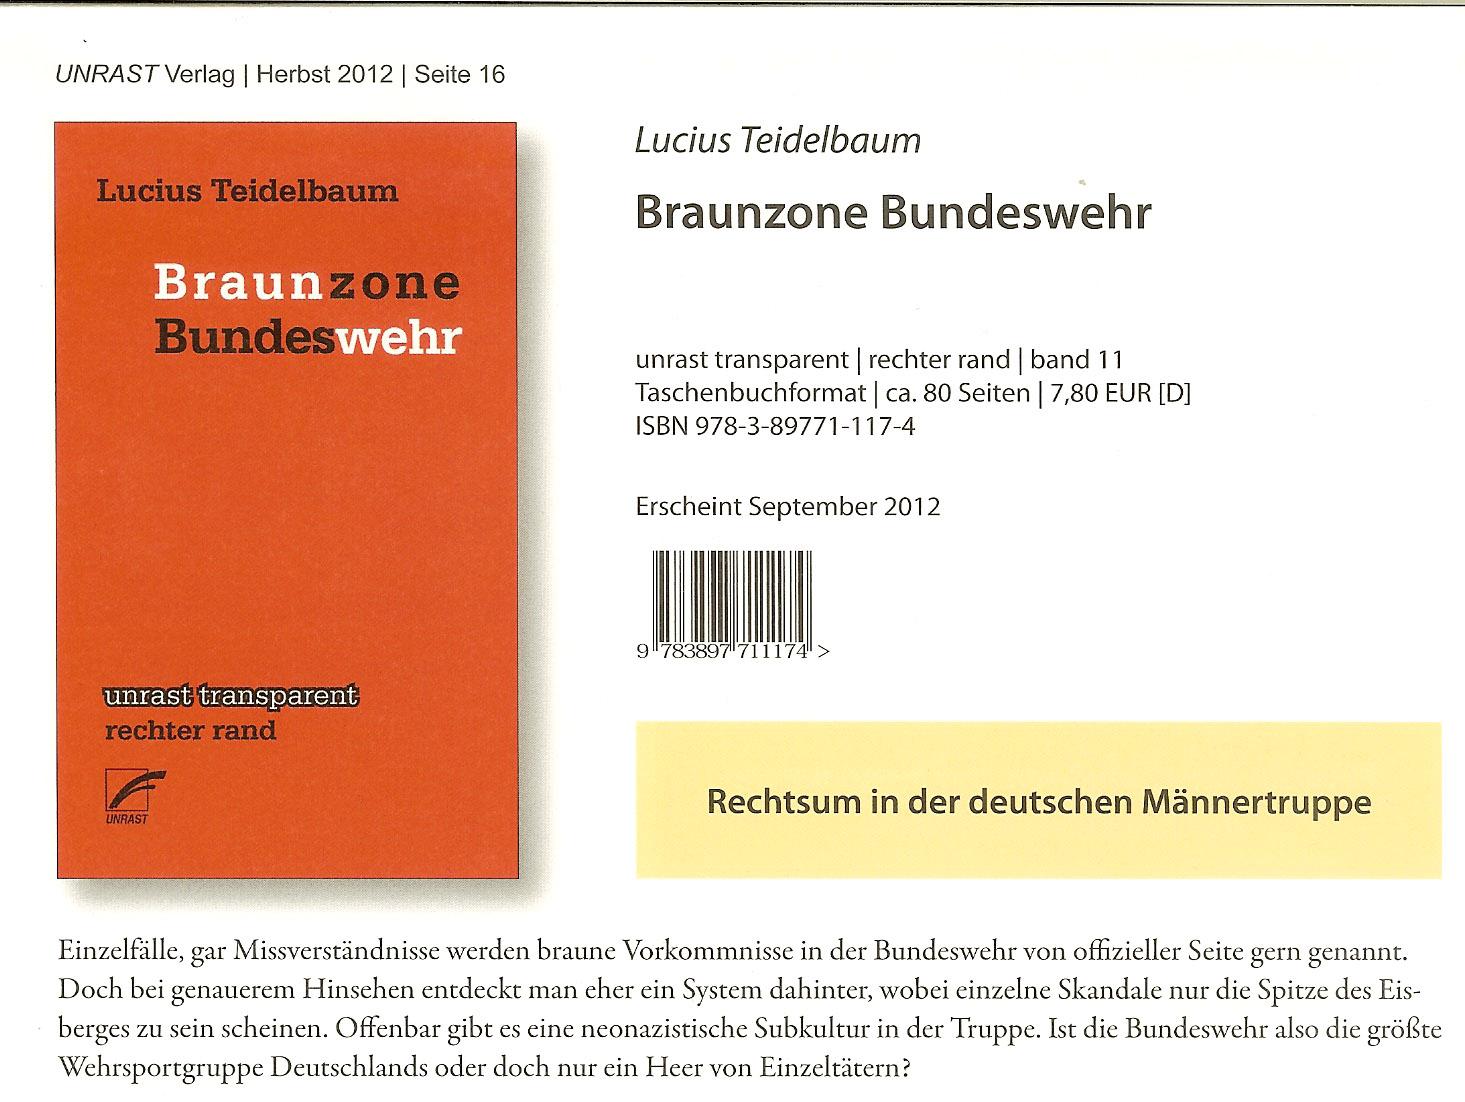 Braunzone Bundeswehr